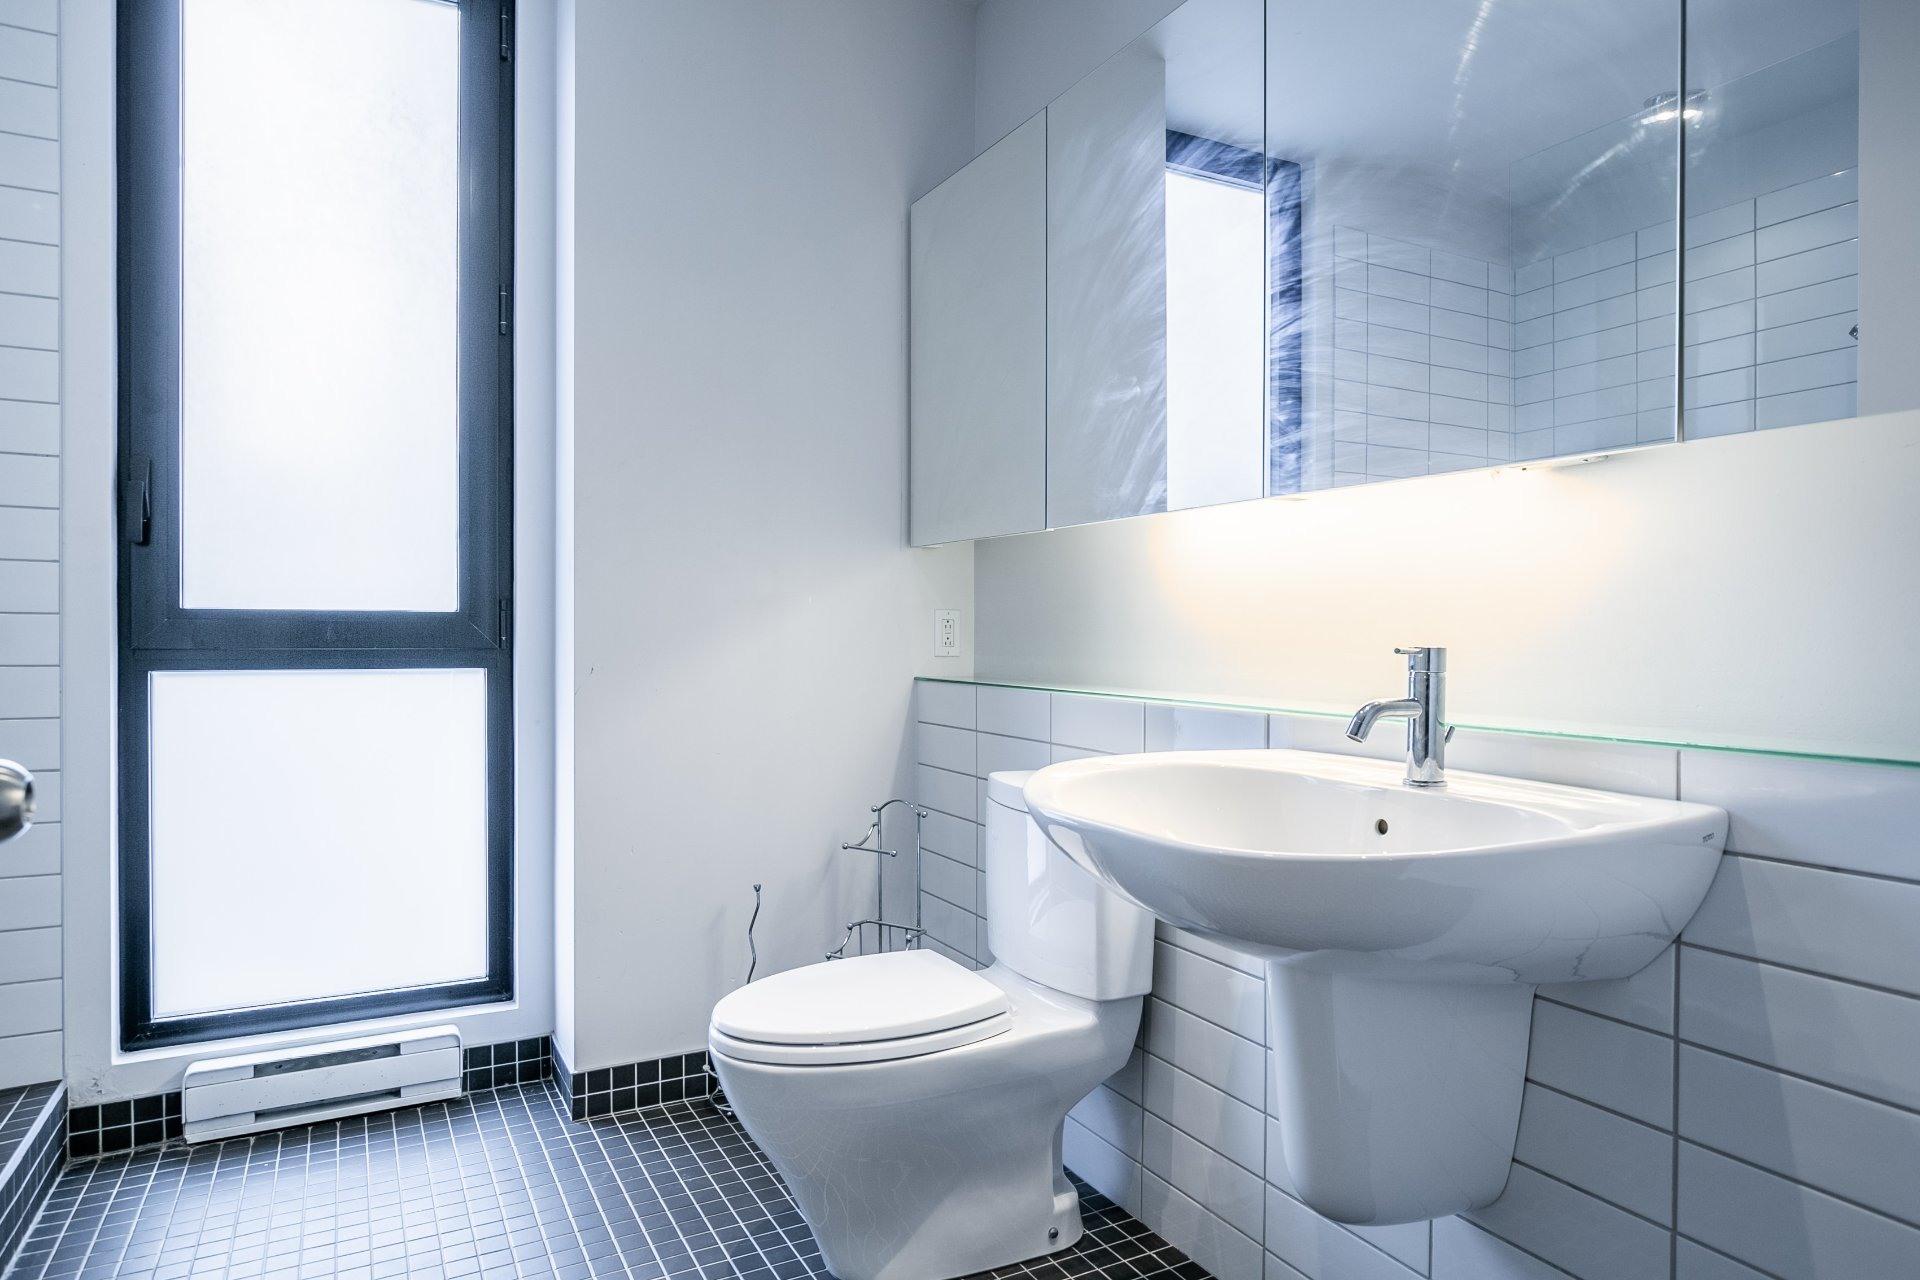 image 14 - Appartement À vendre Le Sud-Ouest Montréal  - 4 pièces